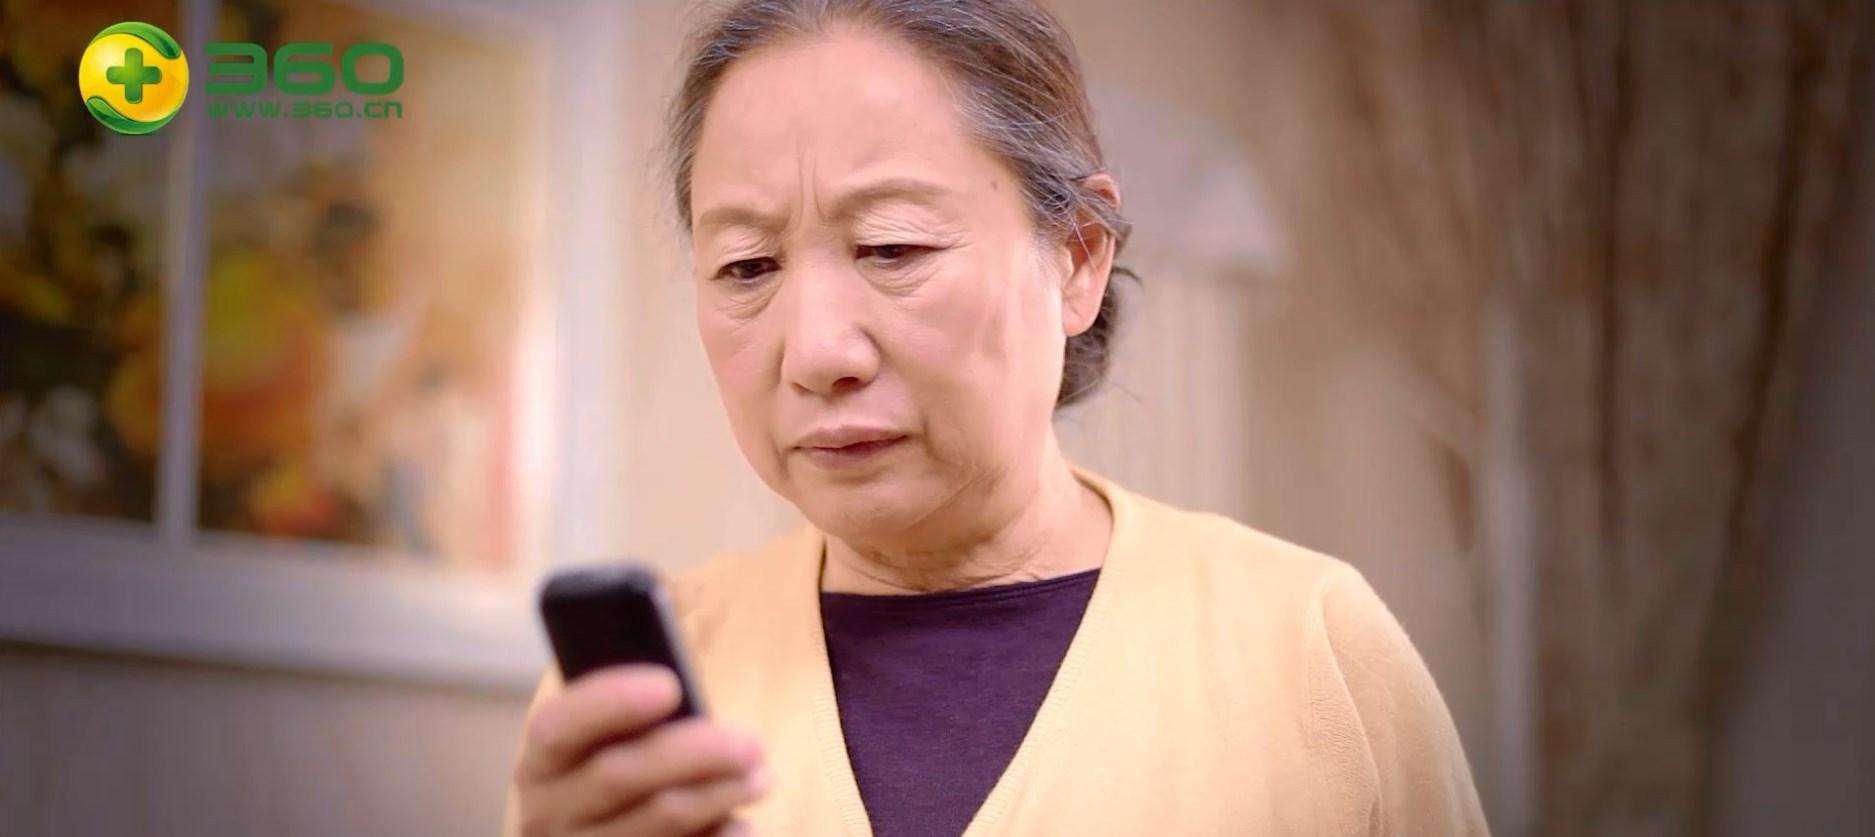 360猎网直播厅:当心你的手机短信被黑客监听